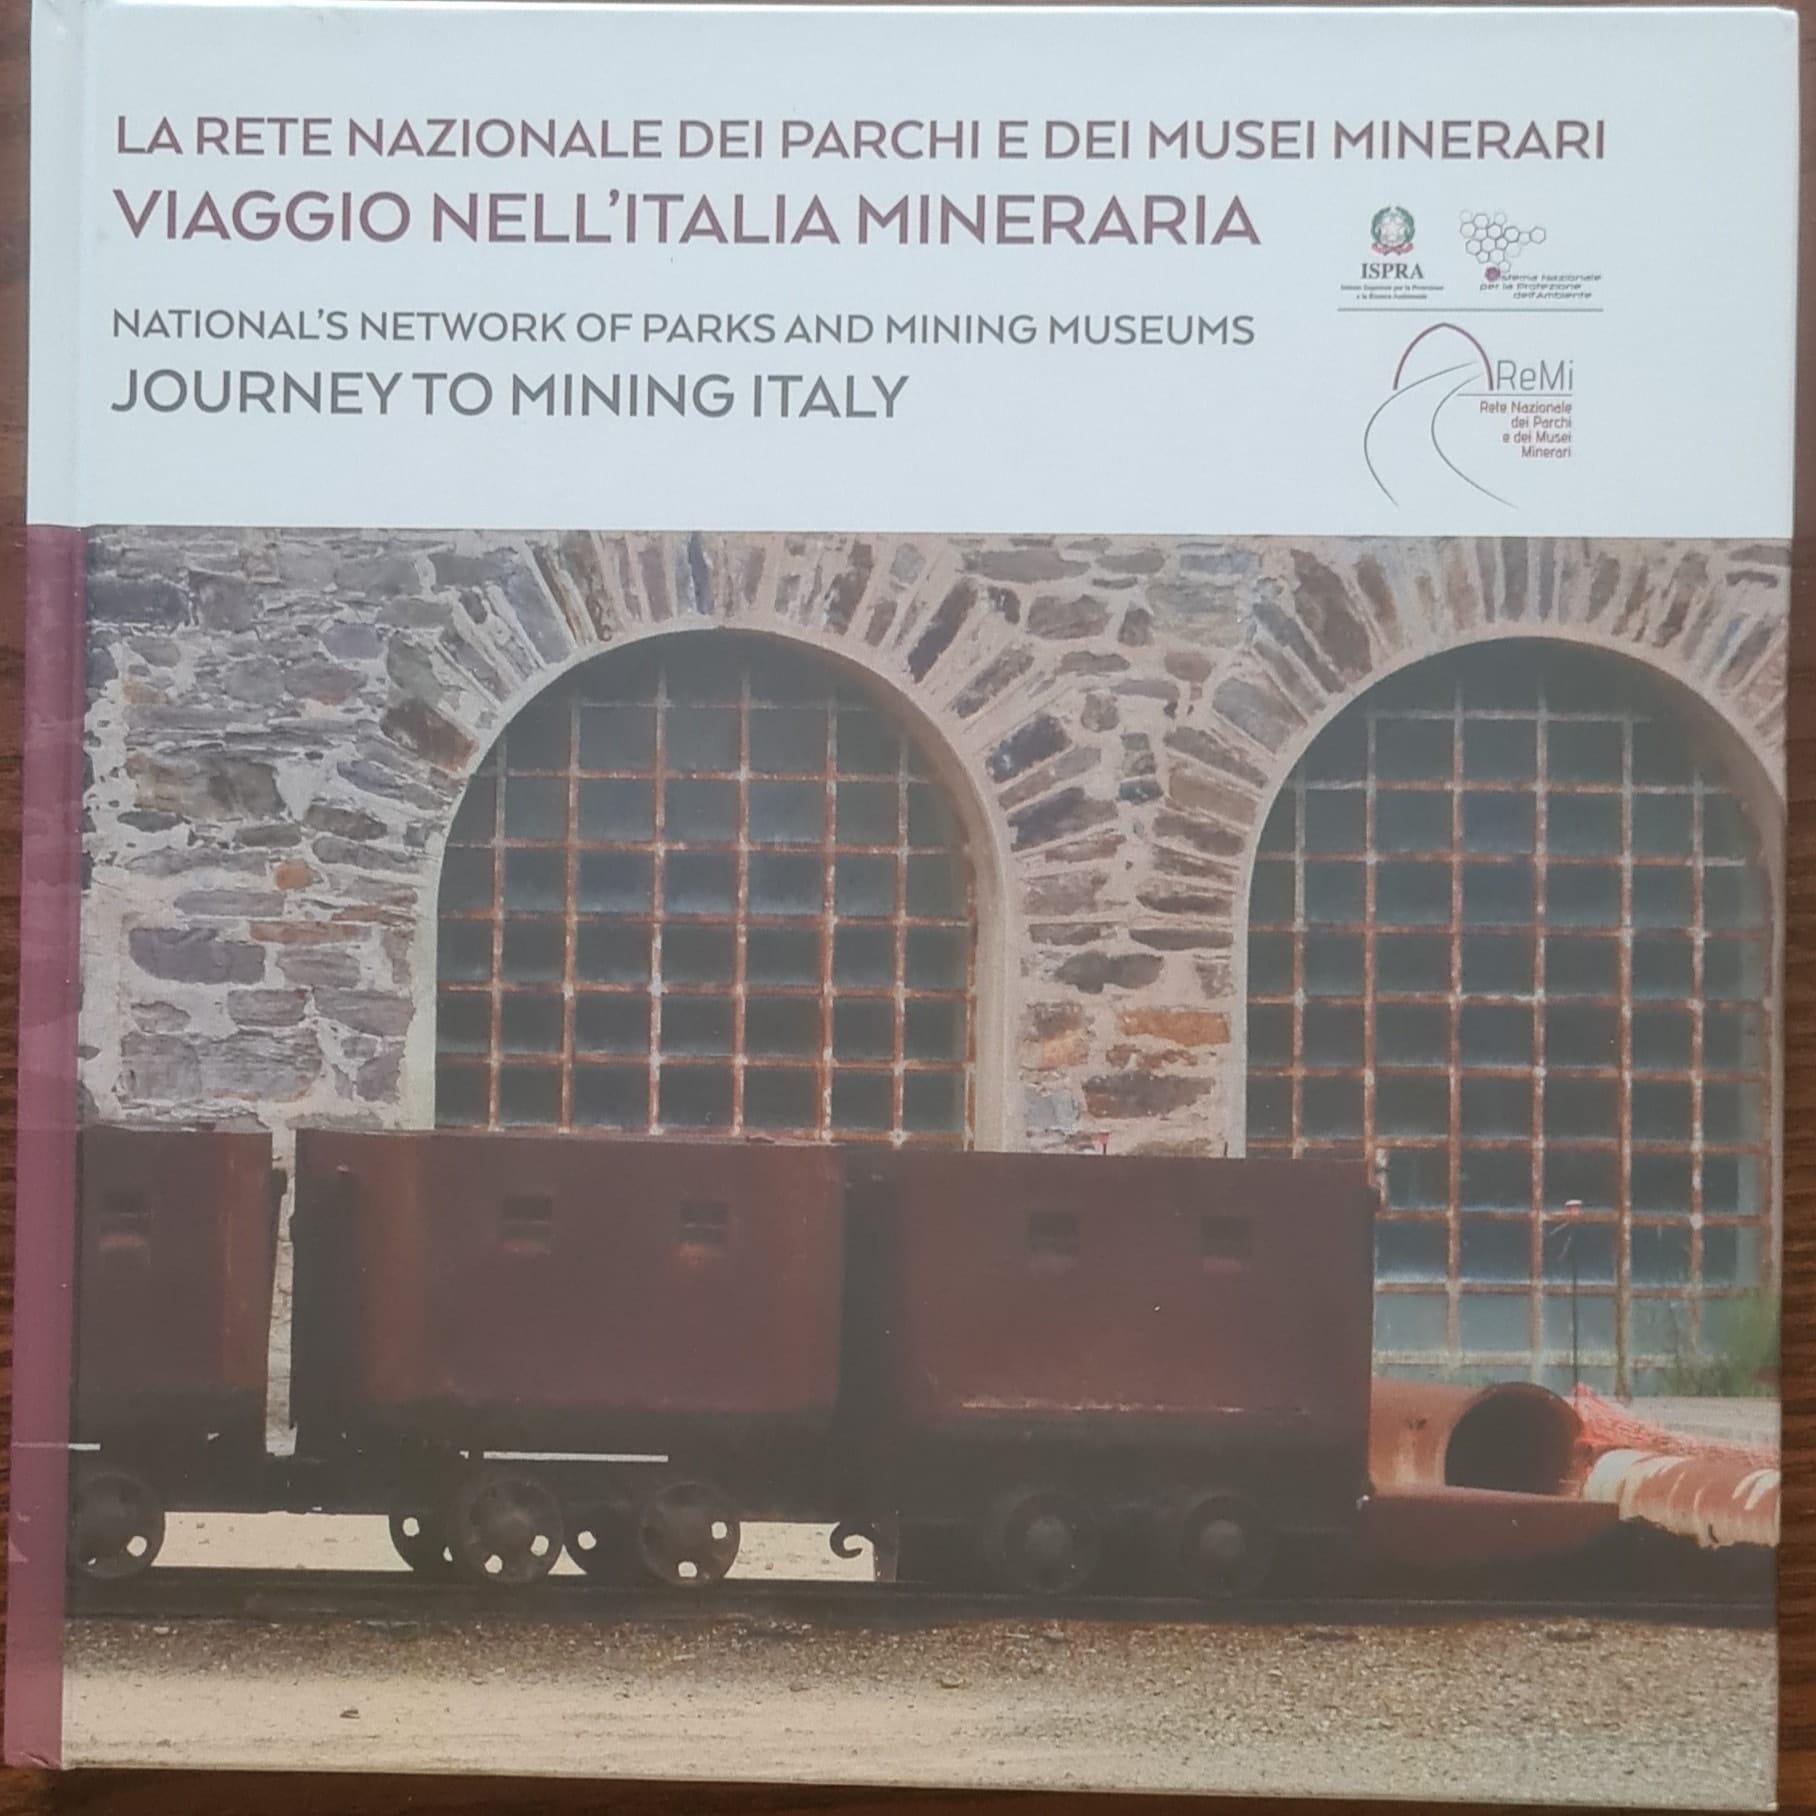 """Il geosito minerario di Lecce nei Marsi nella prestigiosa pubblicazione della """"Rete Nazionale dei parchi e musei minerari"""""""